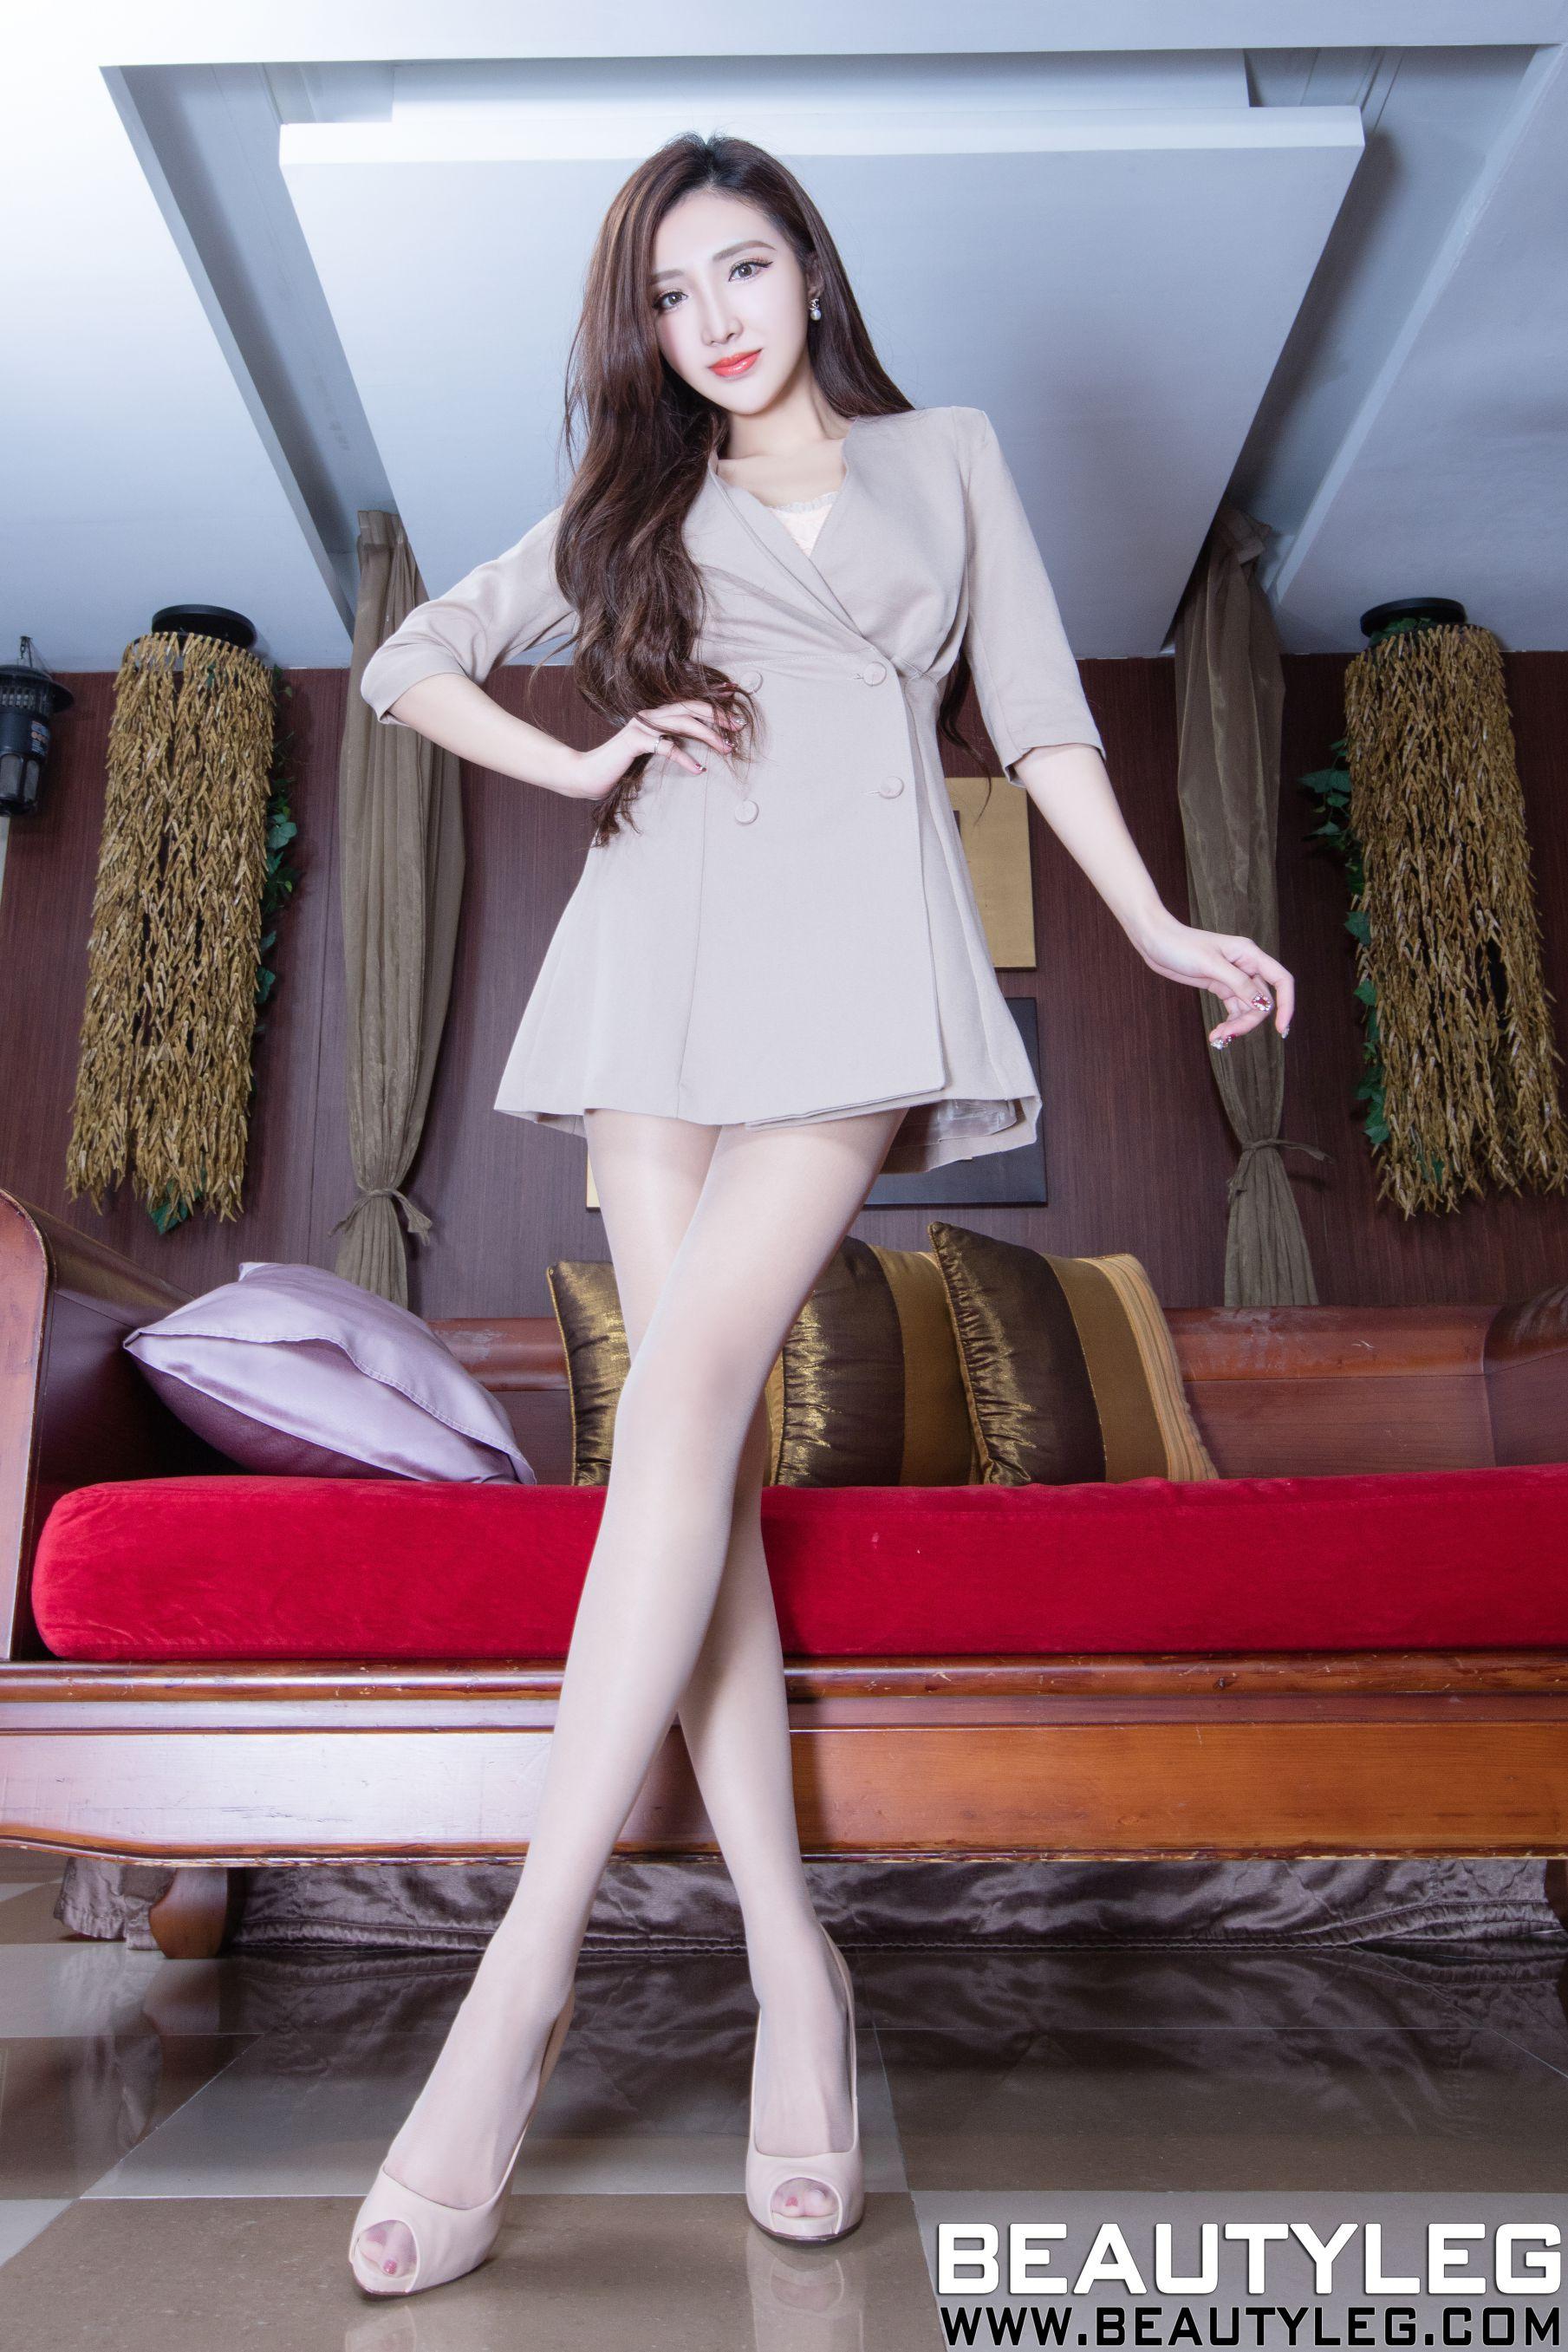 VOL.785 [Beautyleg]肉丝袜高跟美腿:赵芸(腿模Syuan,Syuan赵芸)高品质写真套图(49P)